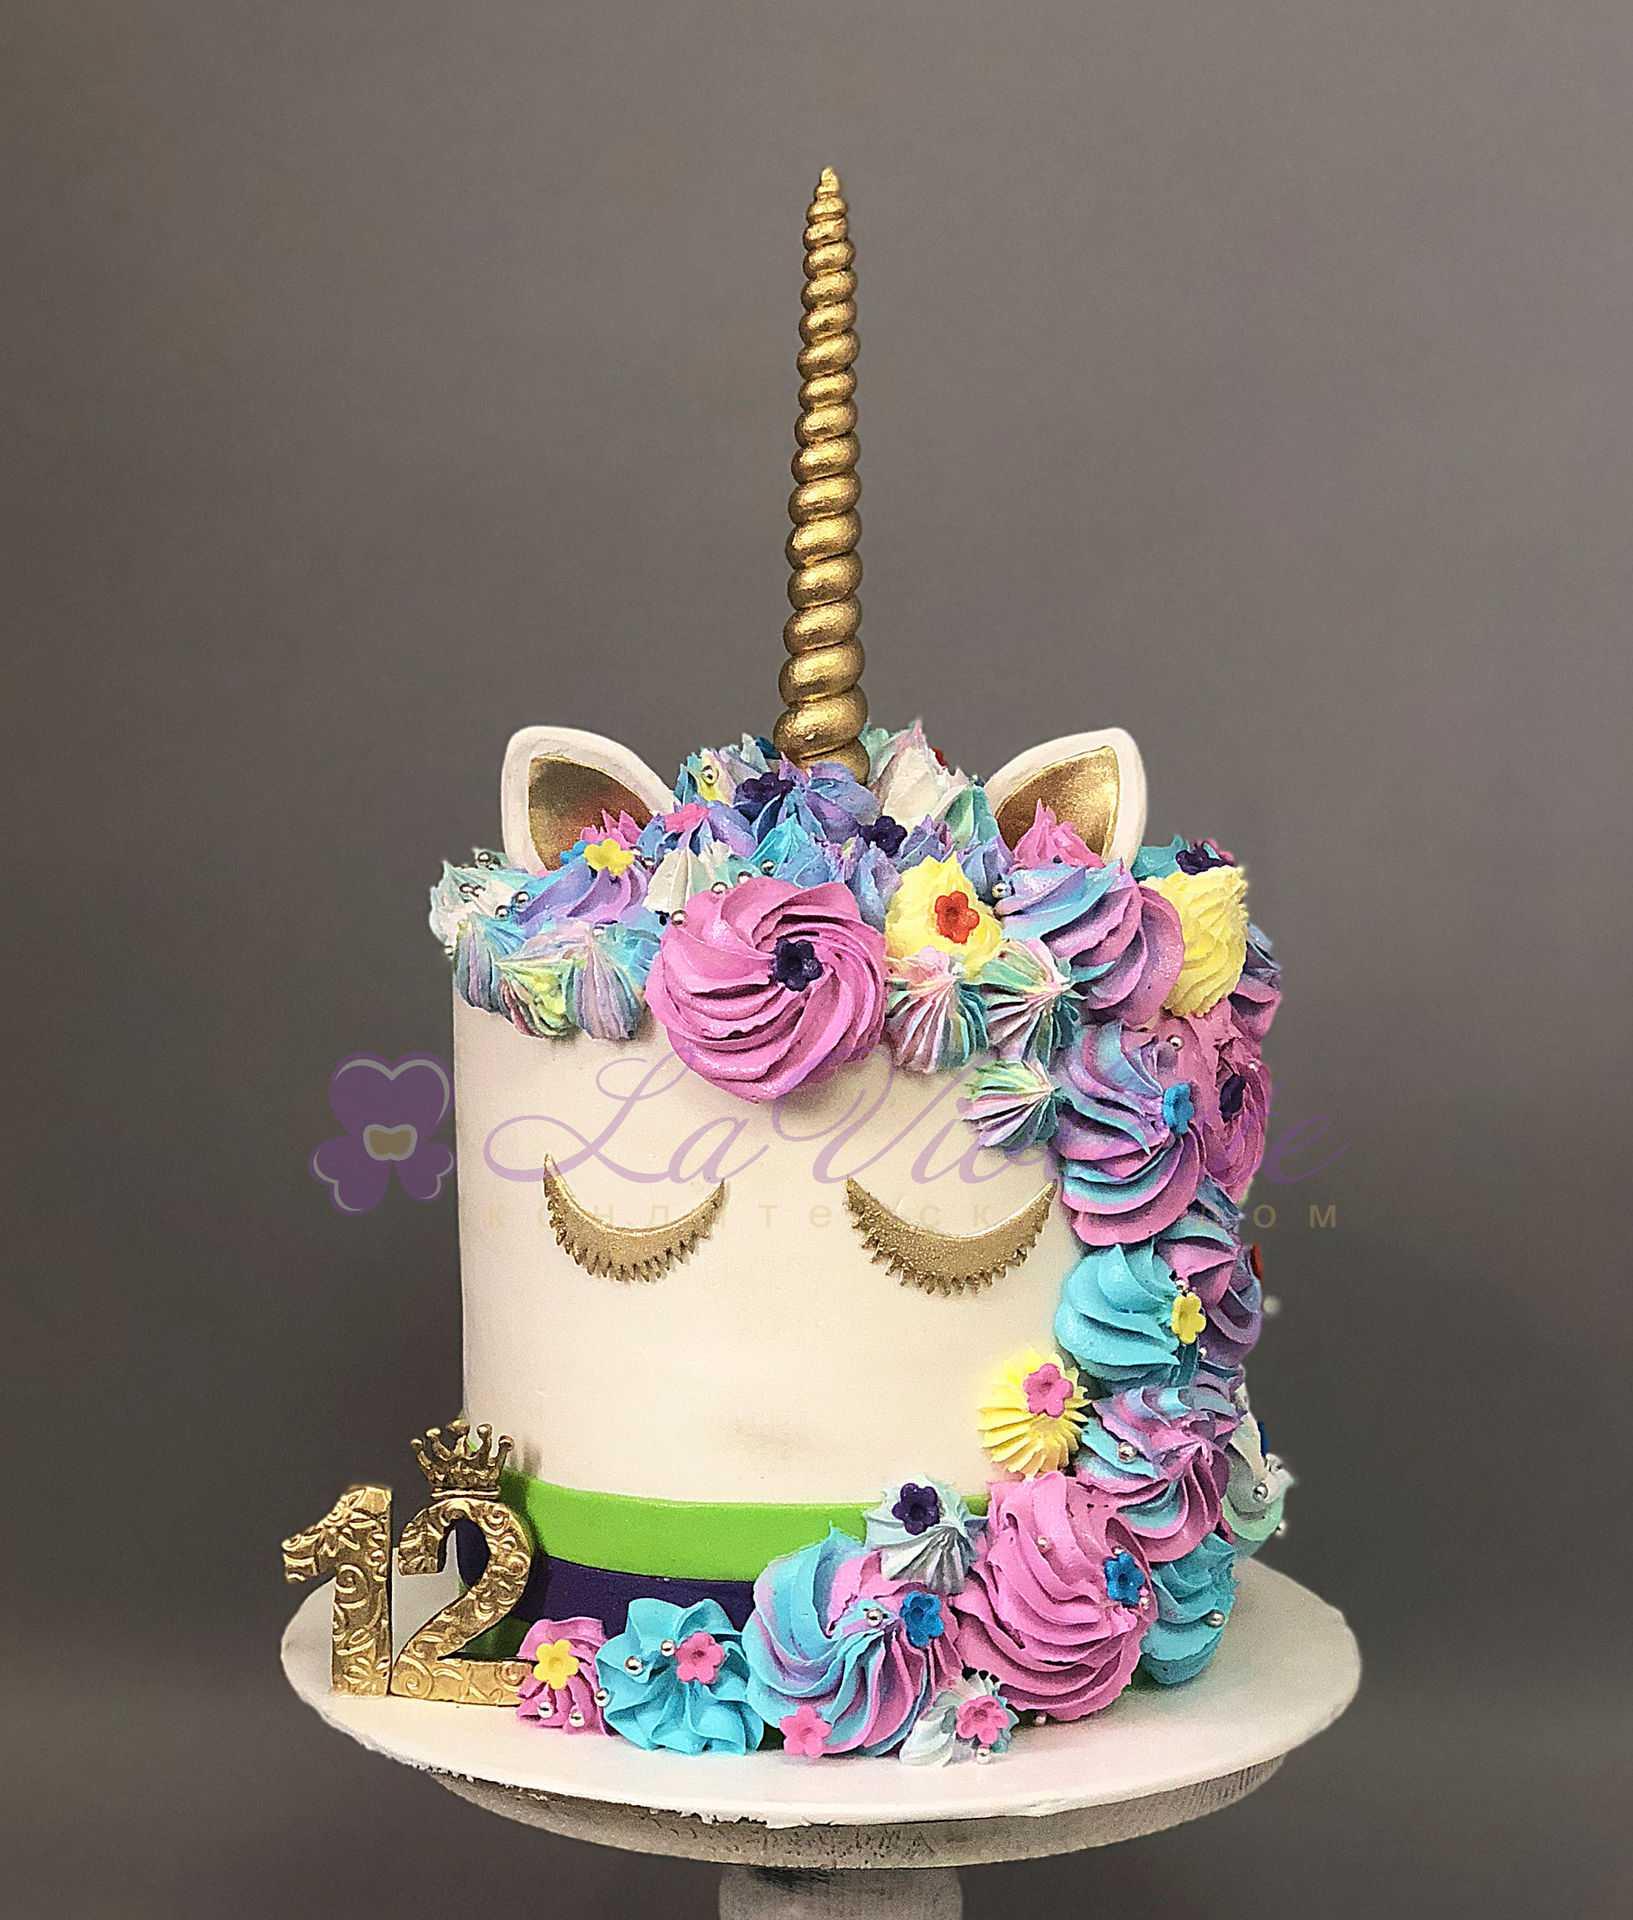 Торт единорог №762 по цене: 2200.00 руб в Москве | Lv-Cake.ru